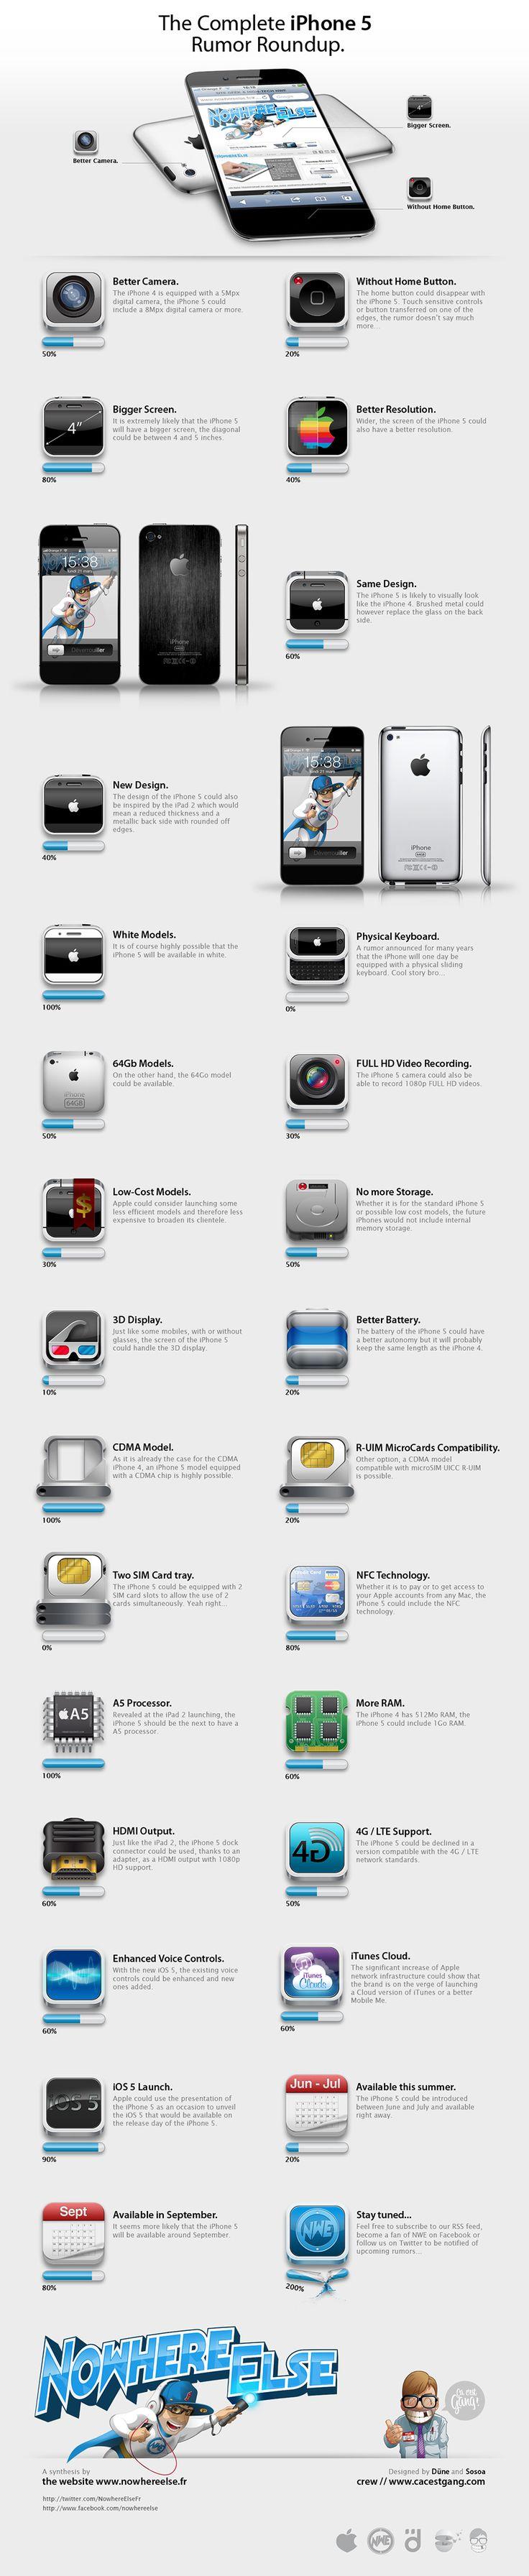 Infografía que resume todos los rumores que habían sobre el supuesto iPhone 5. Finalmente se presentó el iPhone 4S.